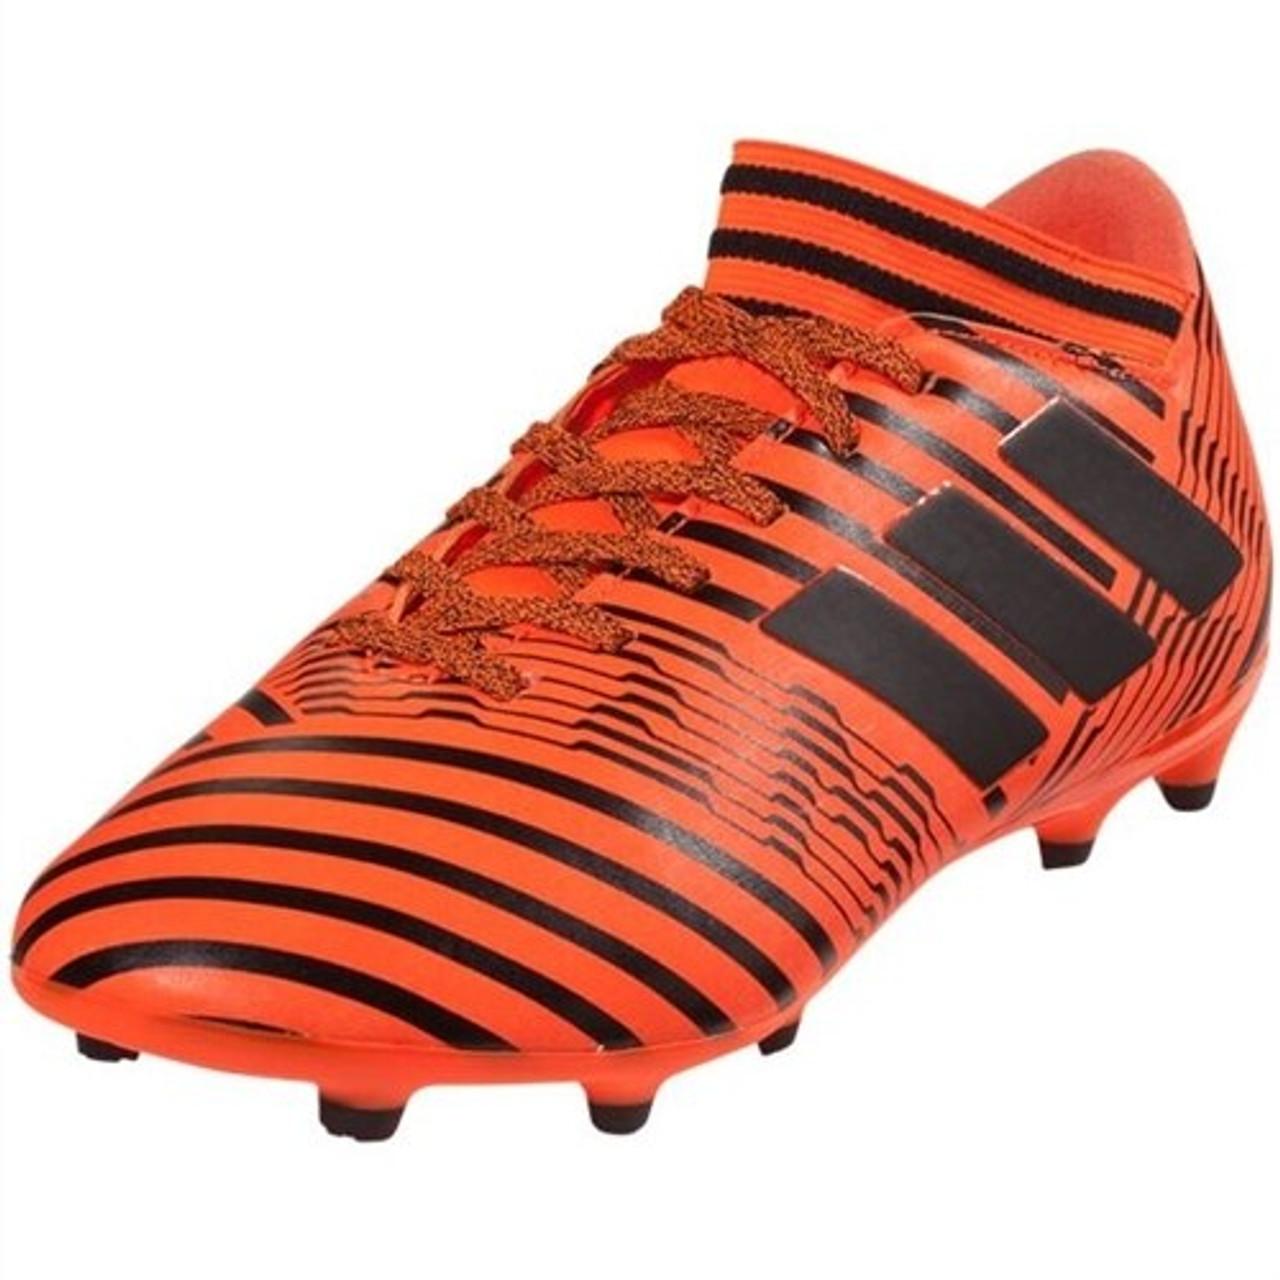 Dramaturgo Punto de partida Perenne  Adidas Nemeziz 17.3 FG J - Solar Orange/Black/Solar Red (052120) - ohp  soccer